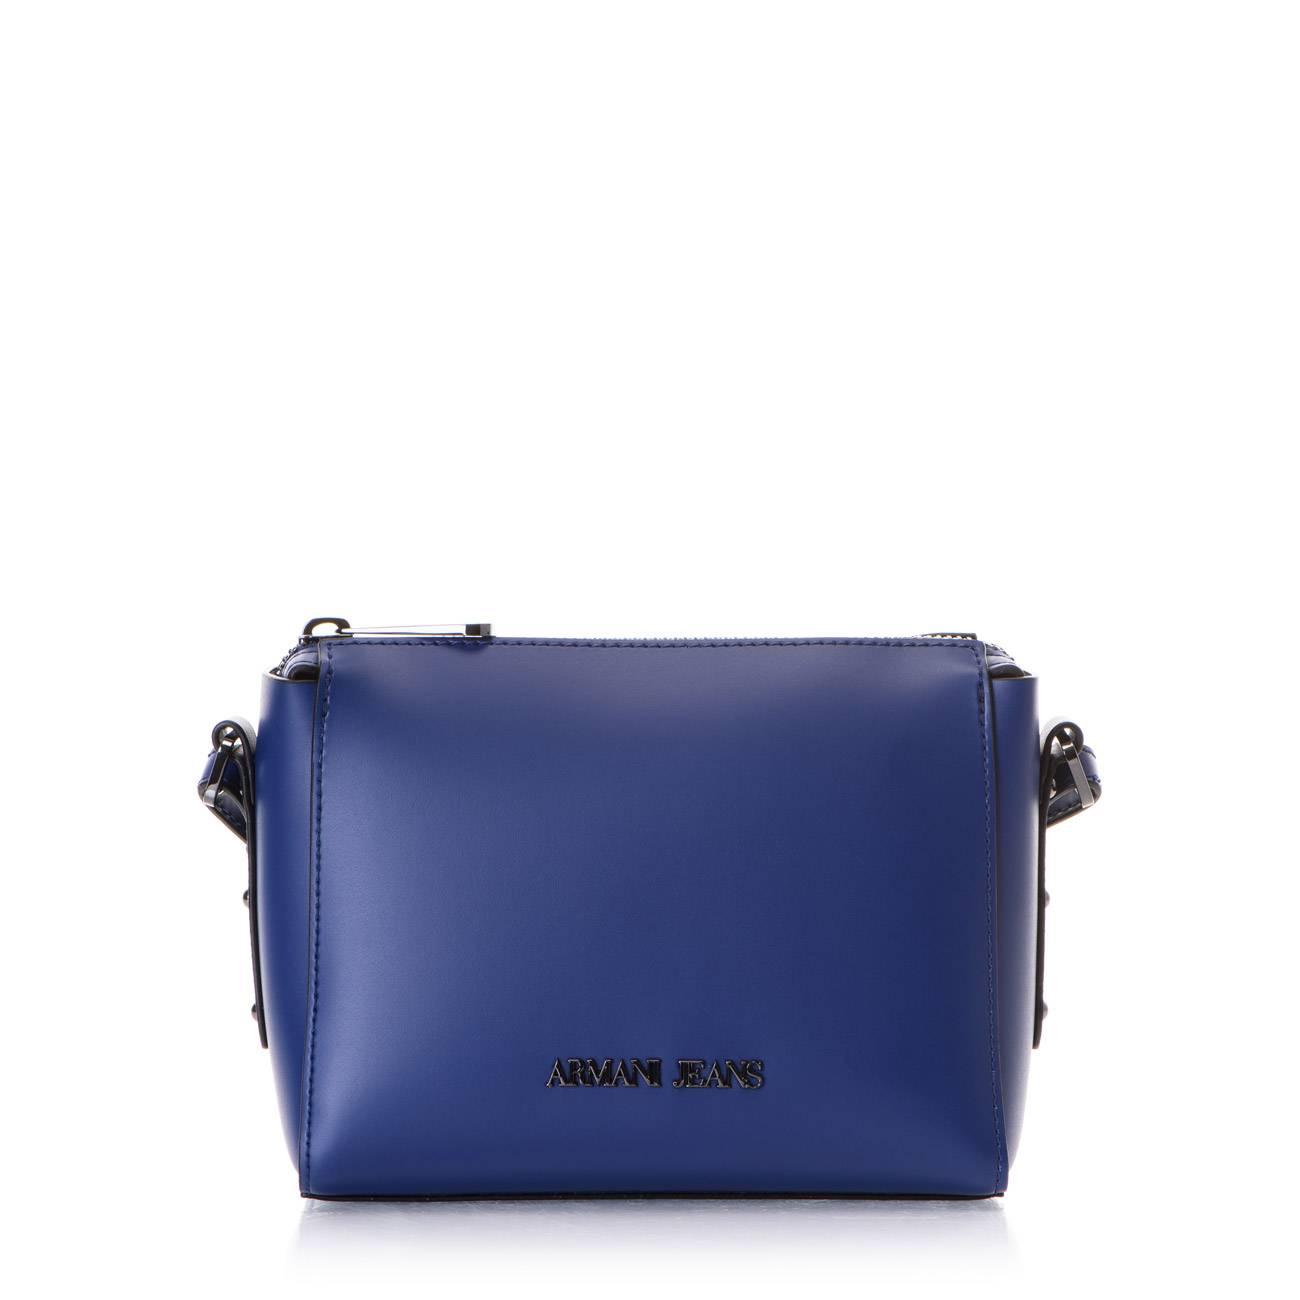 OCEAN BLUE CROSSOVER BAG